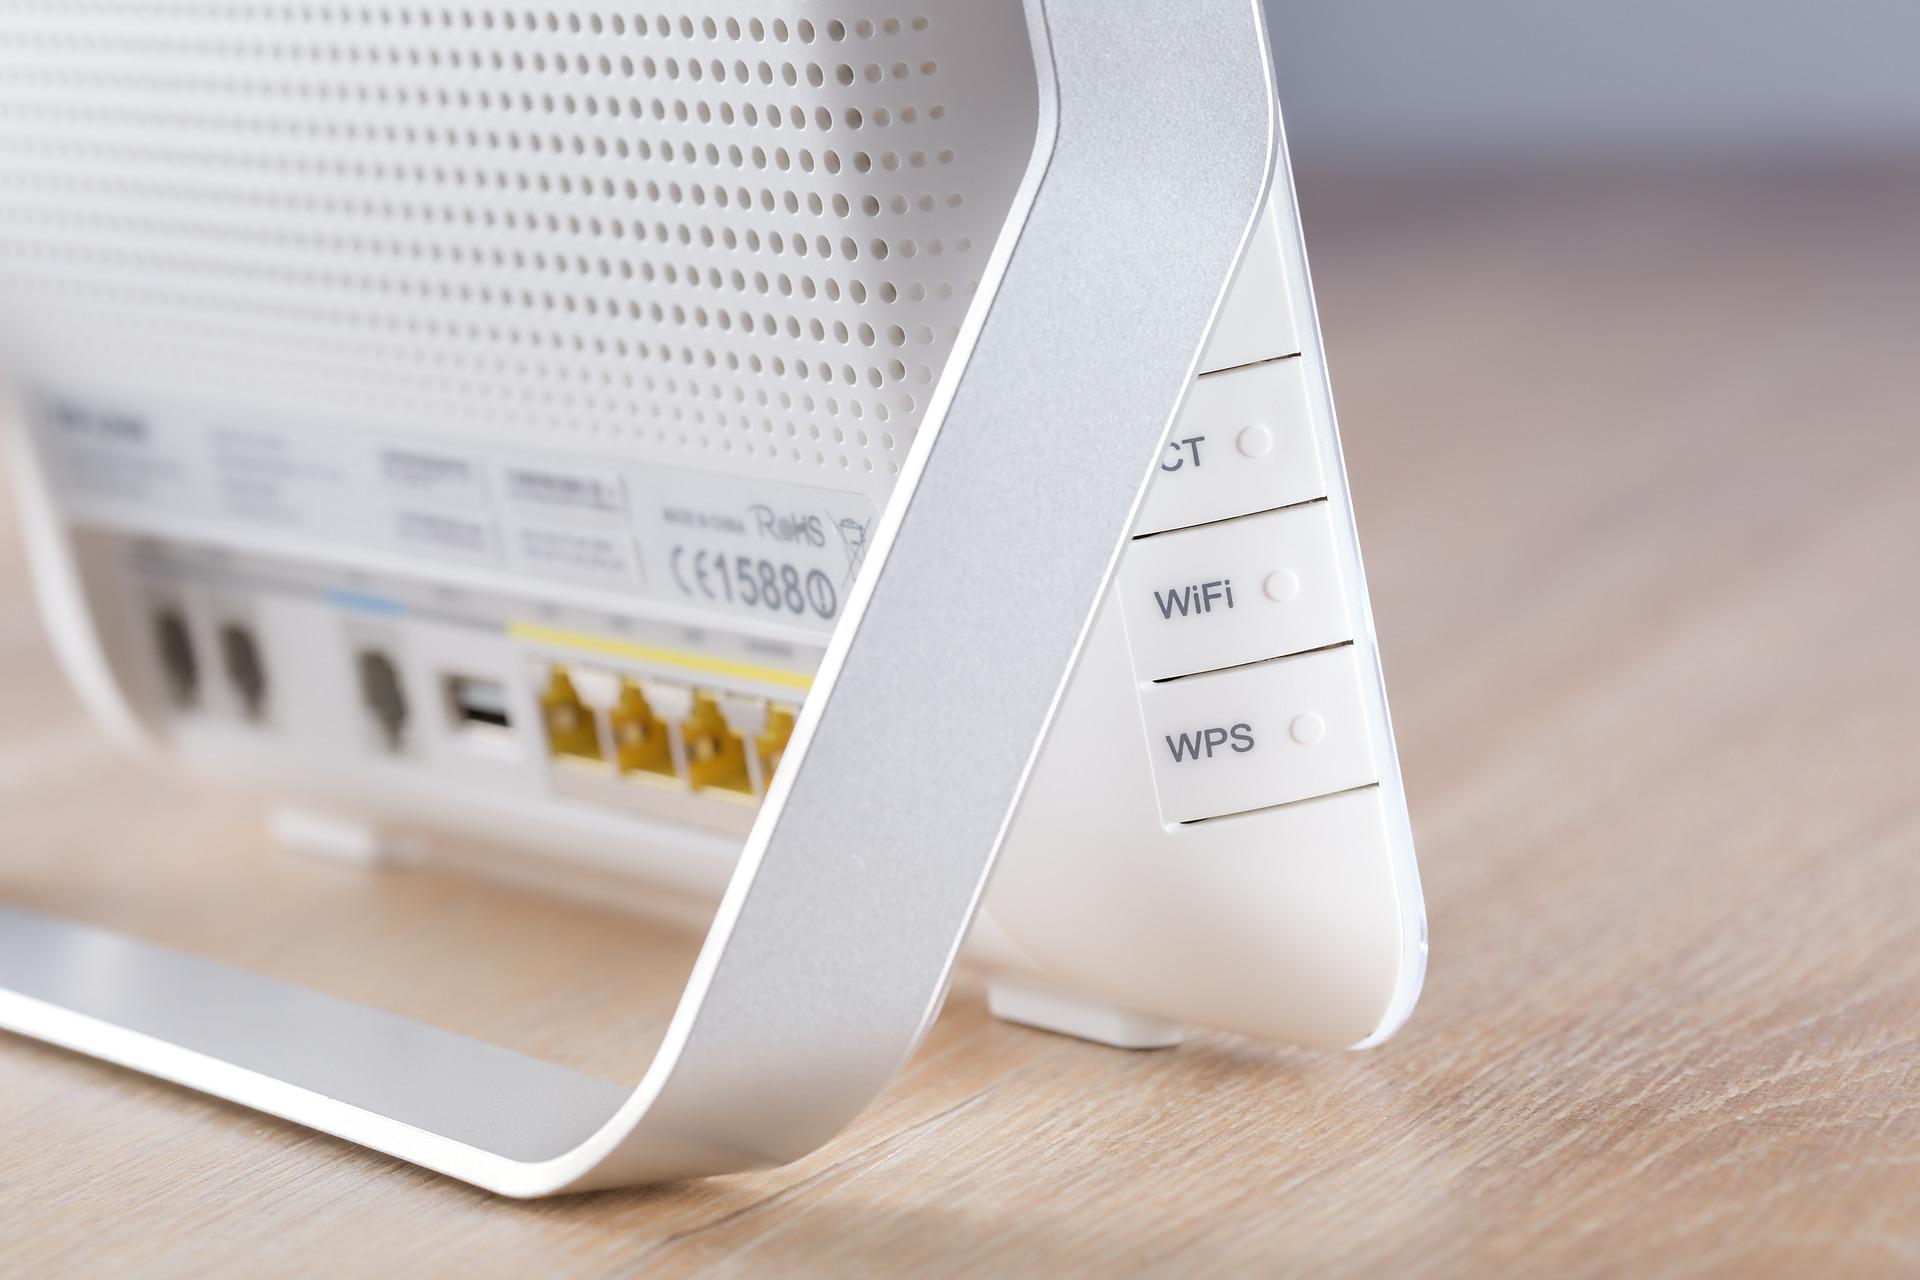 Рейтинг лучших интернет-модемов для ноутбуков на 2020 год